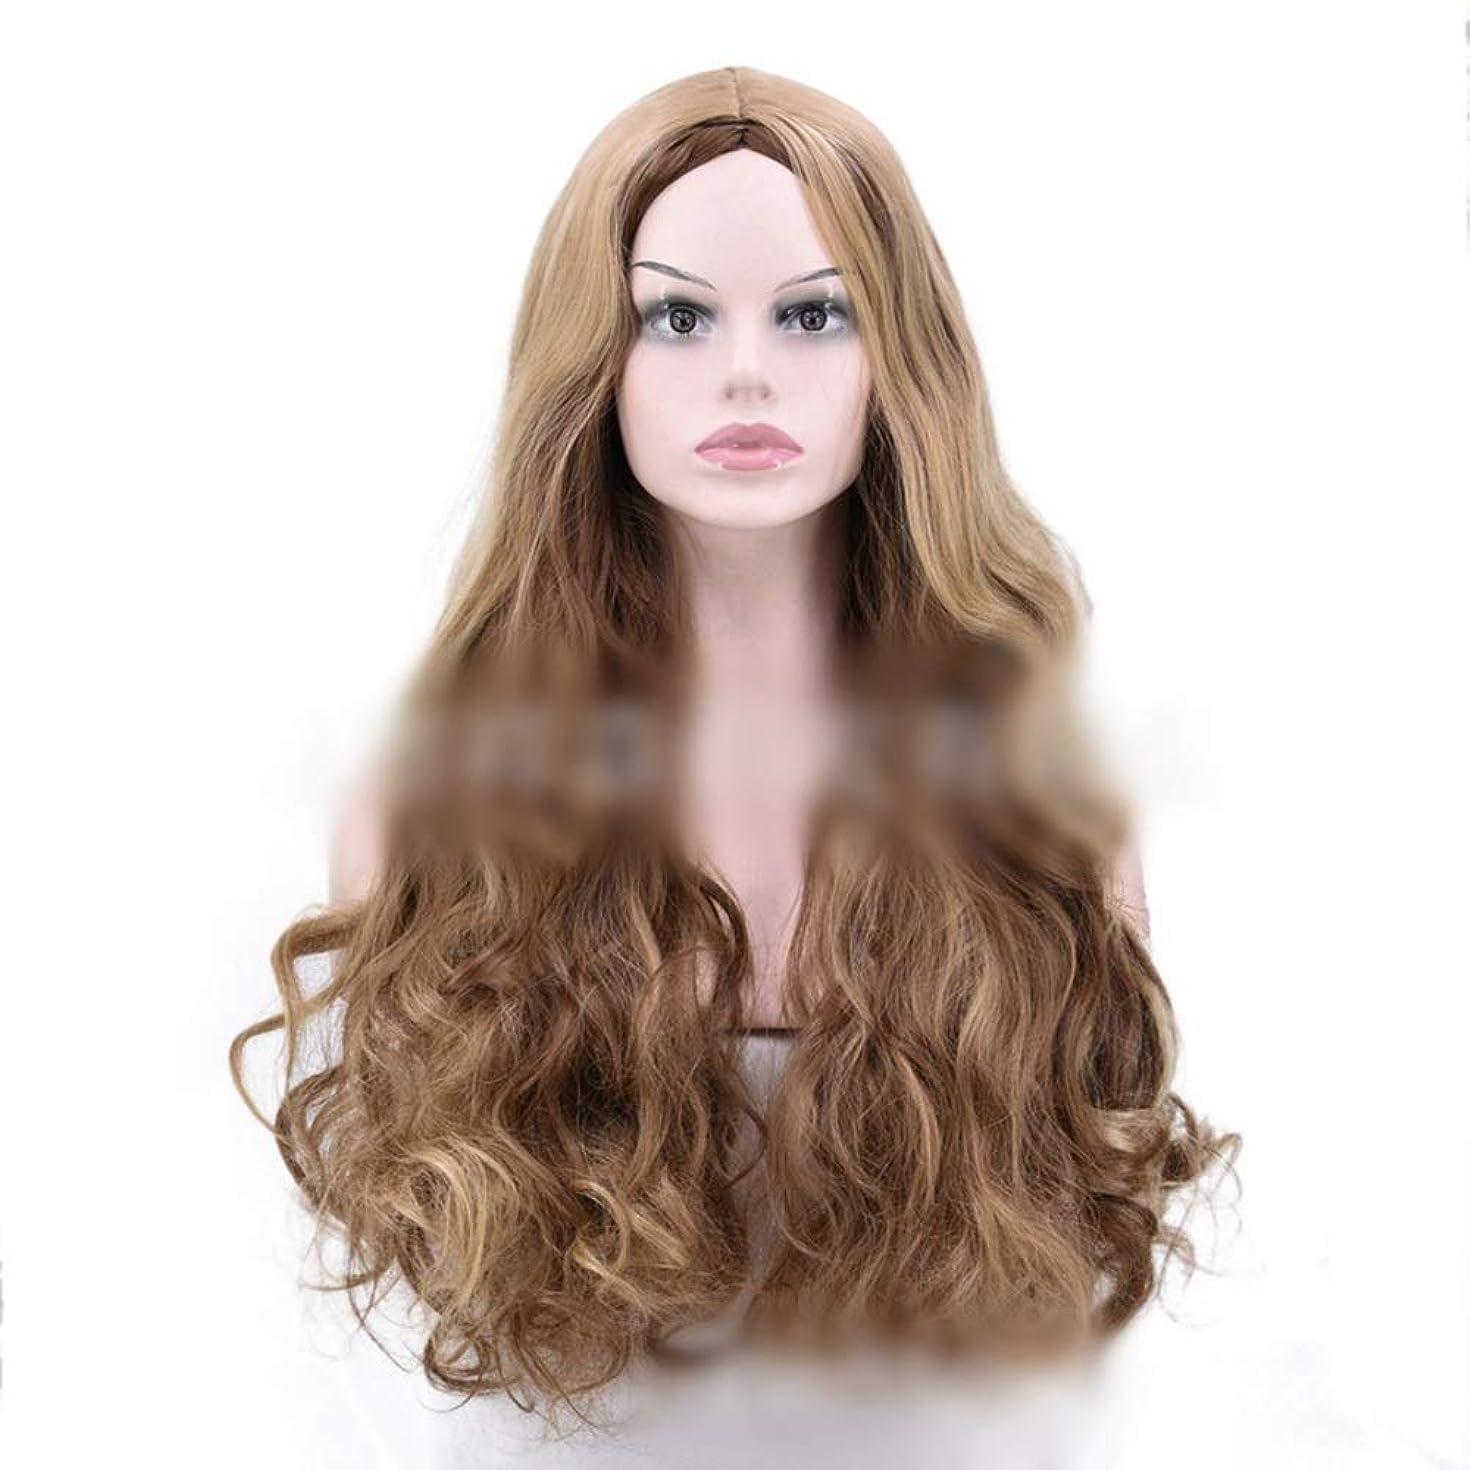 あまりにも陰気わなYrattary 茶色のハイライト黒髪の女性のナチュラルに見えるかつら耐熱ファイバー複合毛レースかつらロールプレイングかつら (色 : ブラウン)